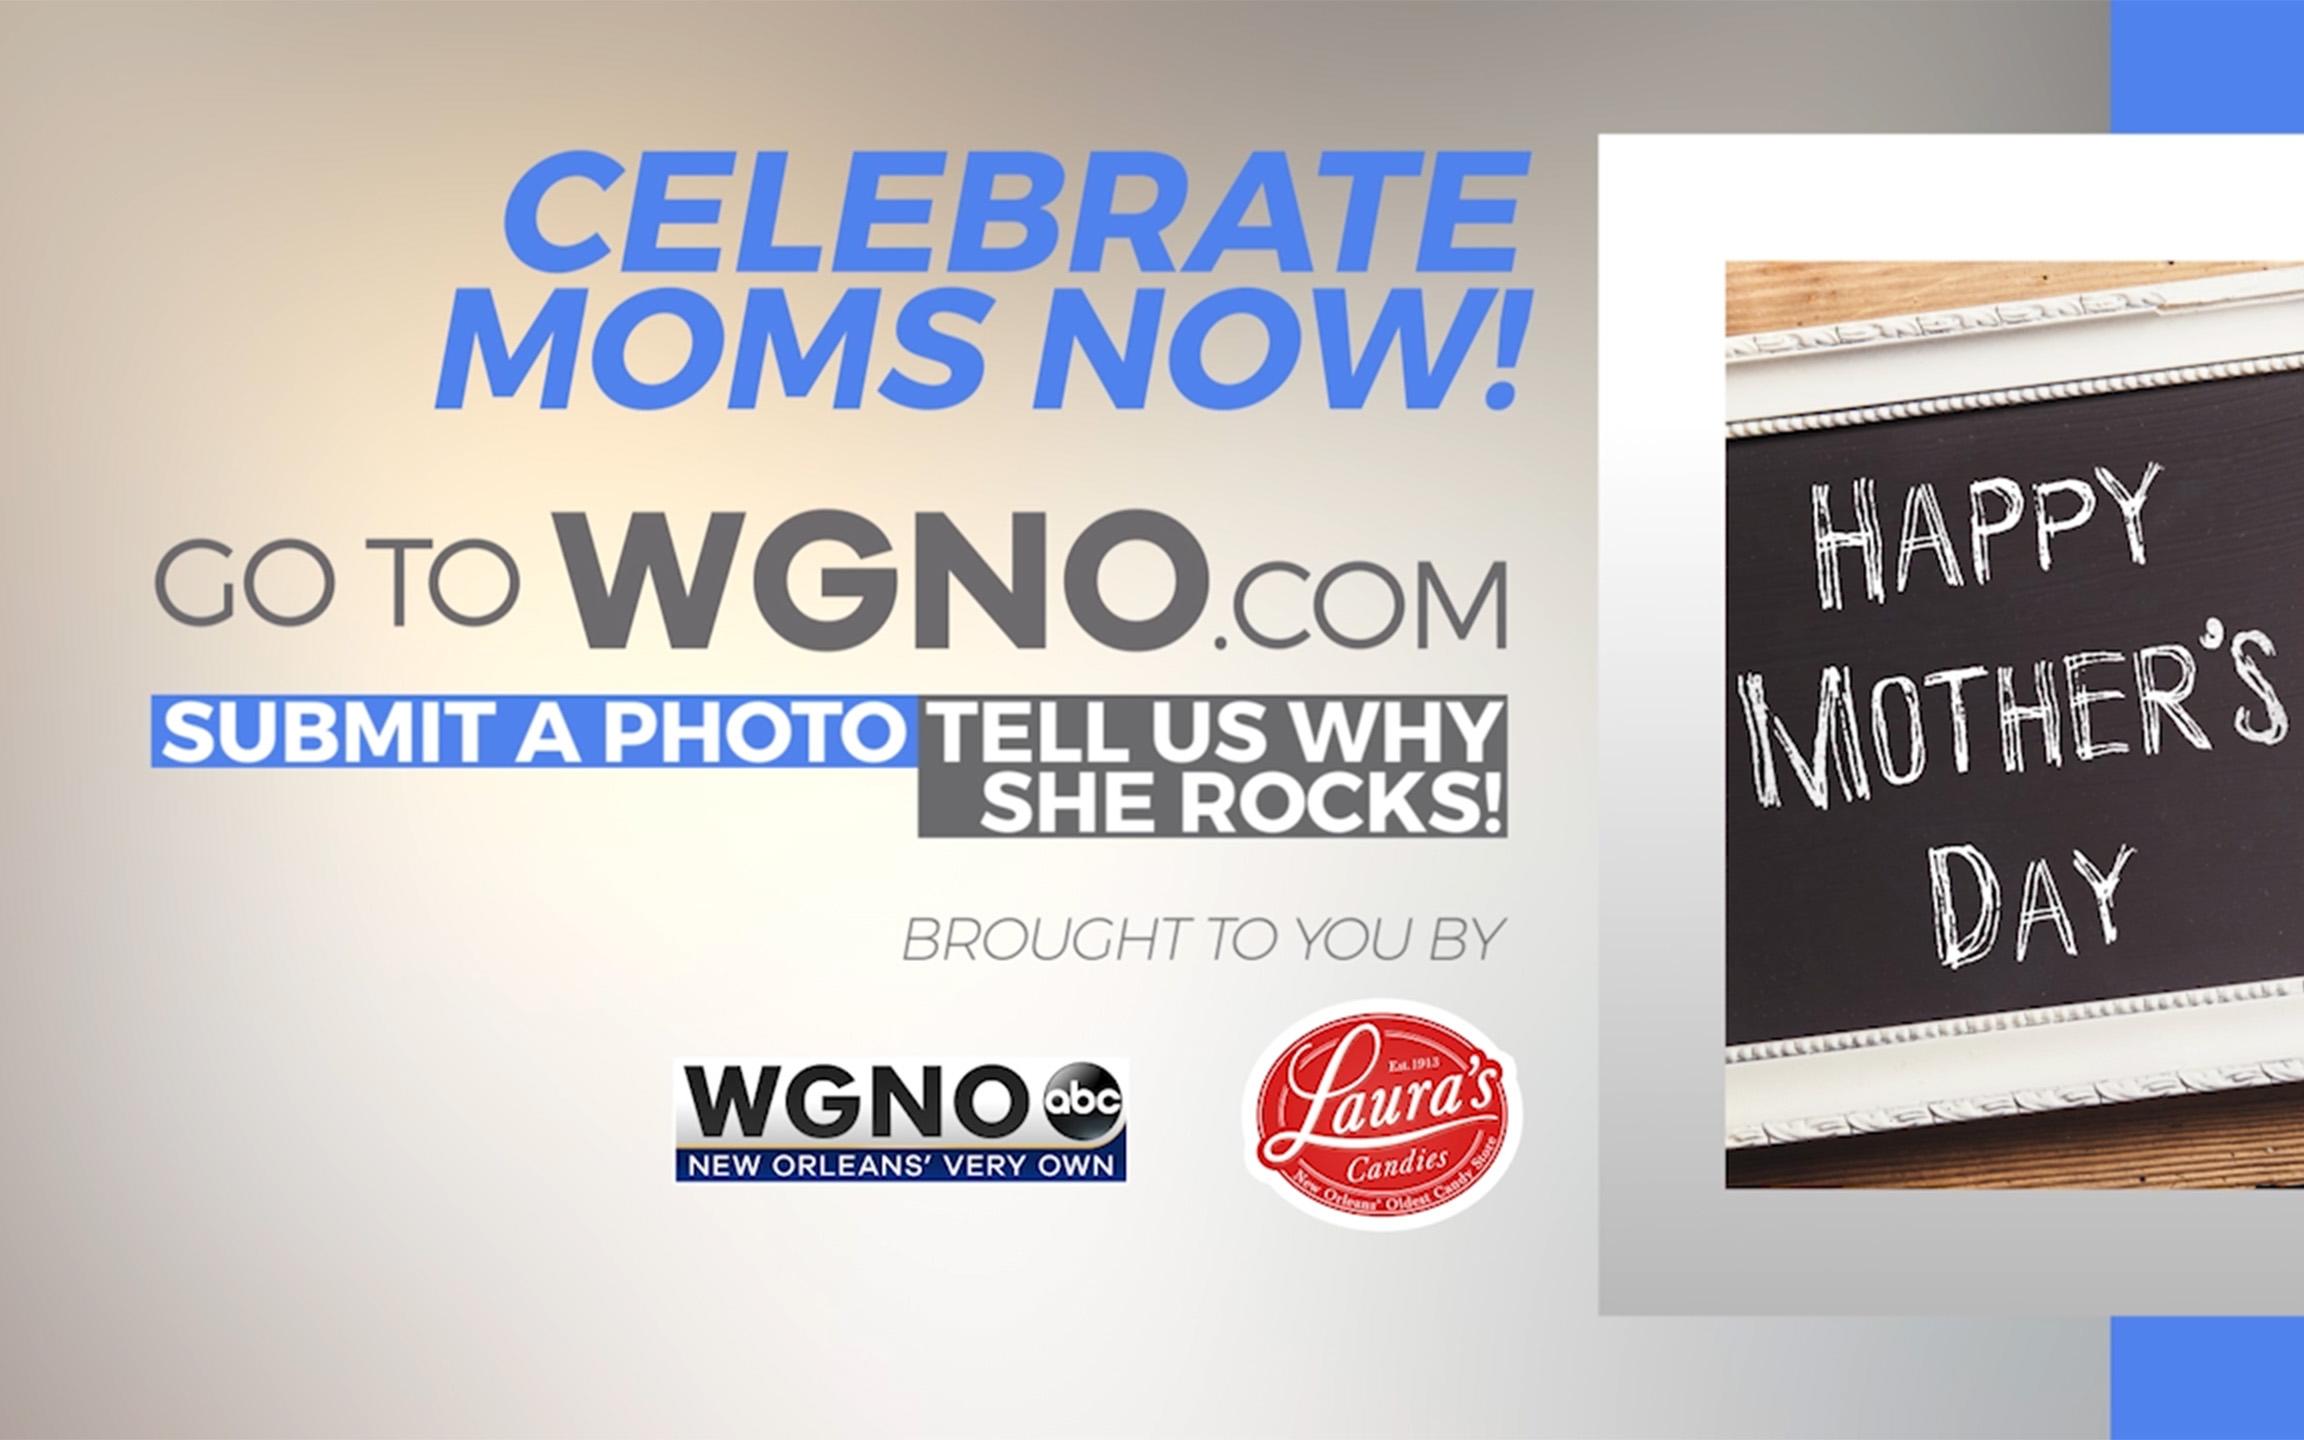 Celebrate Moms Now!